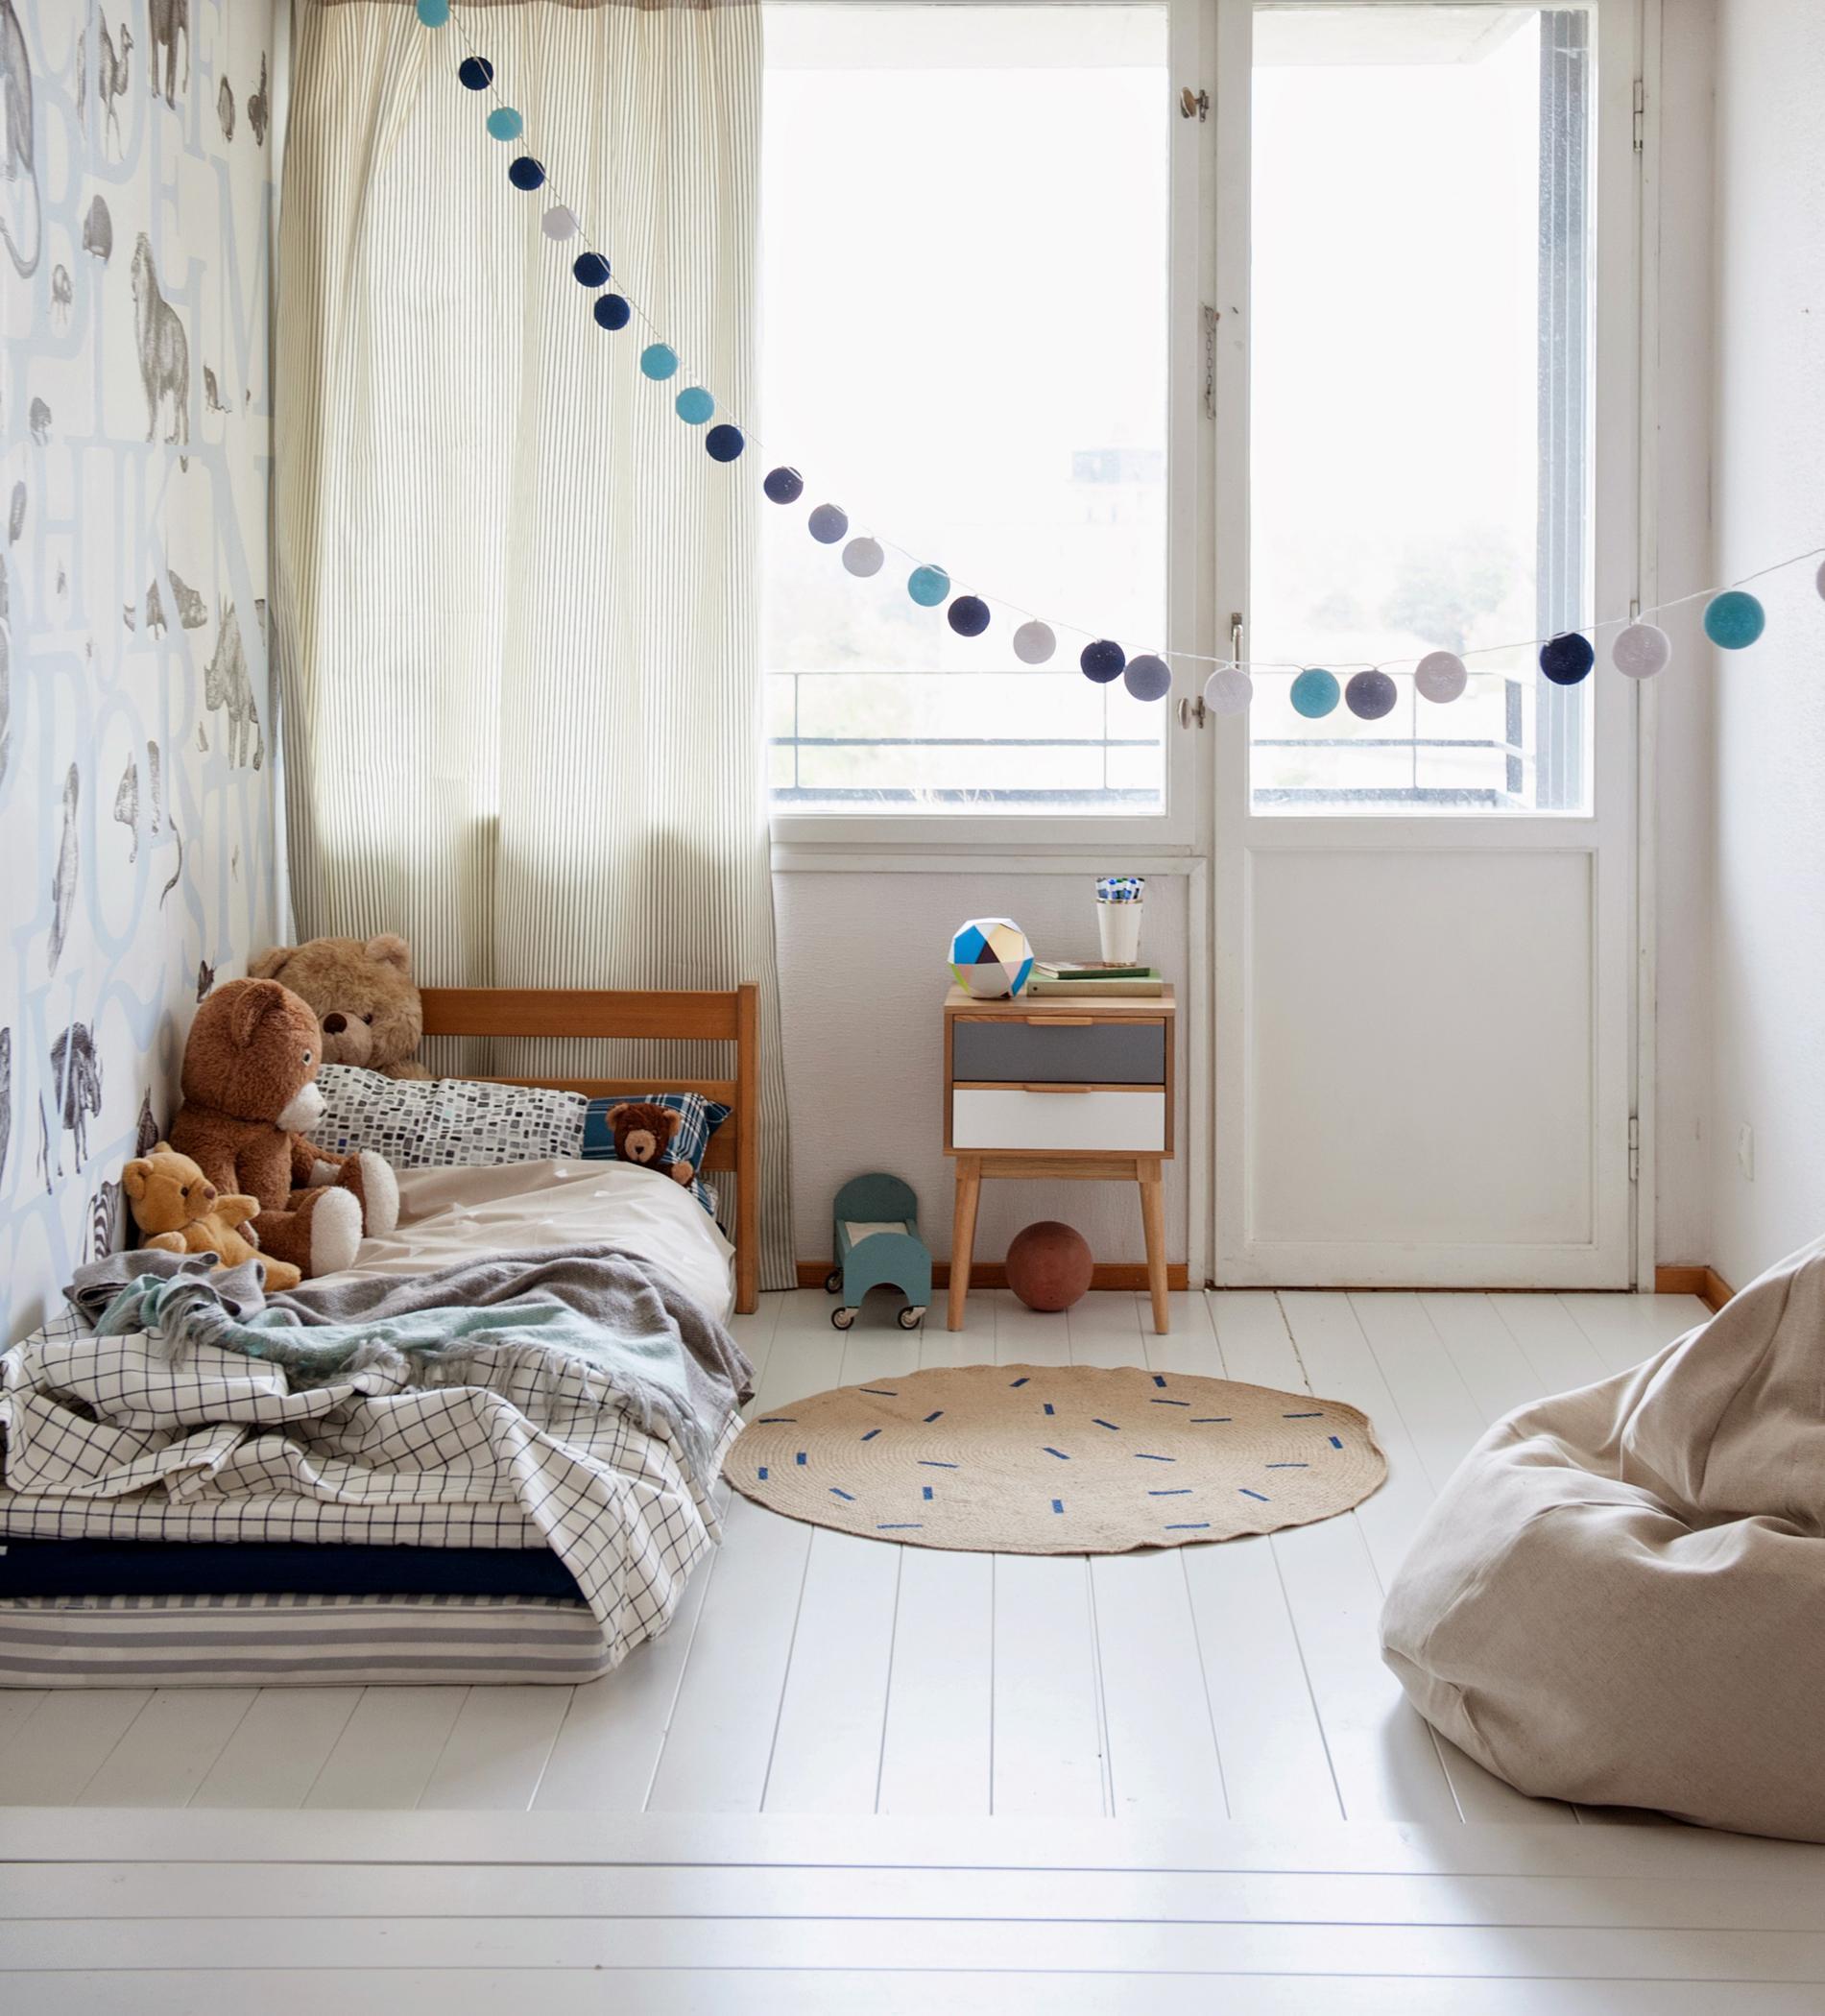 Full Size of Nachttisch Kinderzimmer Minimalistisches Teppich Regal Weiß Regale Sofa Kinderzimmer Nachttisch Kinderzimmer